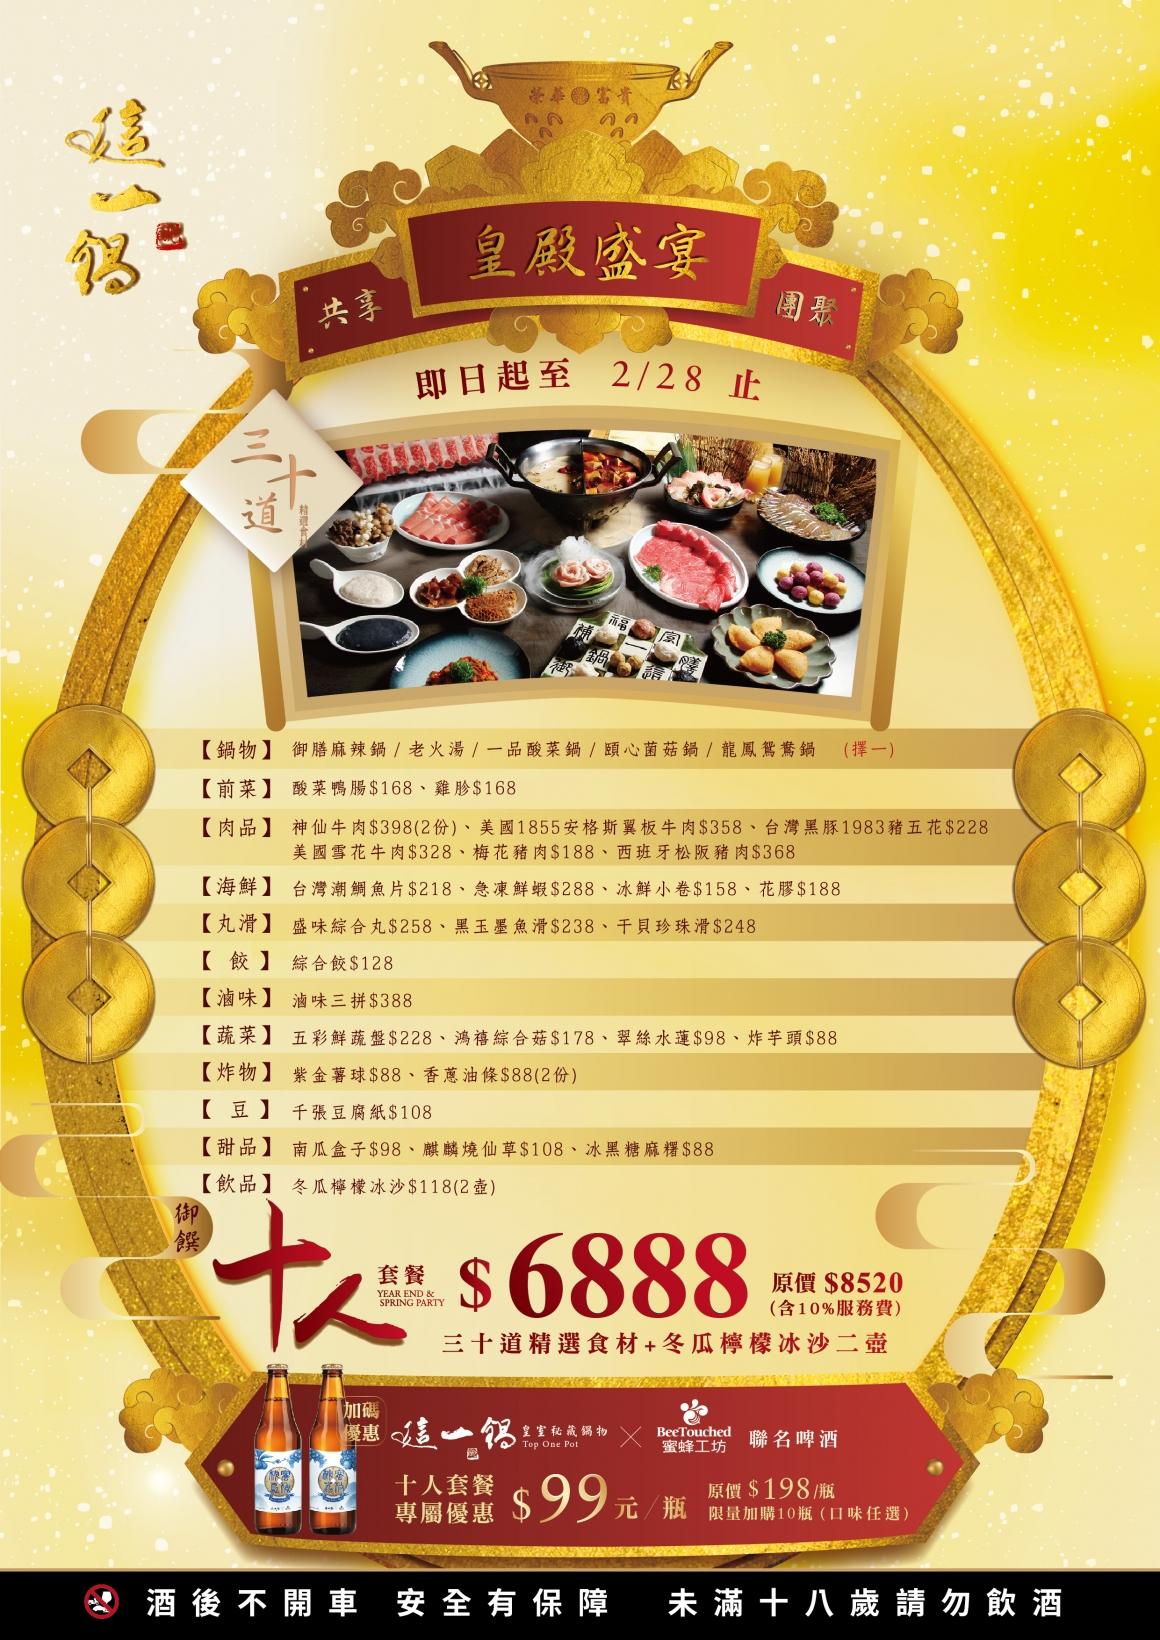 201207-尾牙春酒-A4電子檔v3